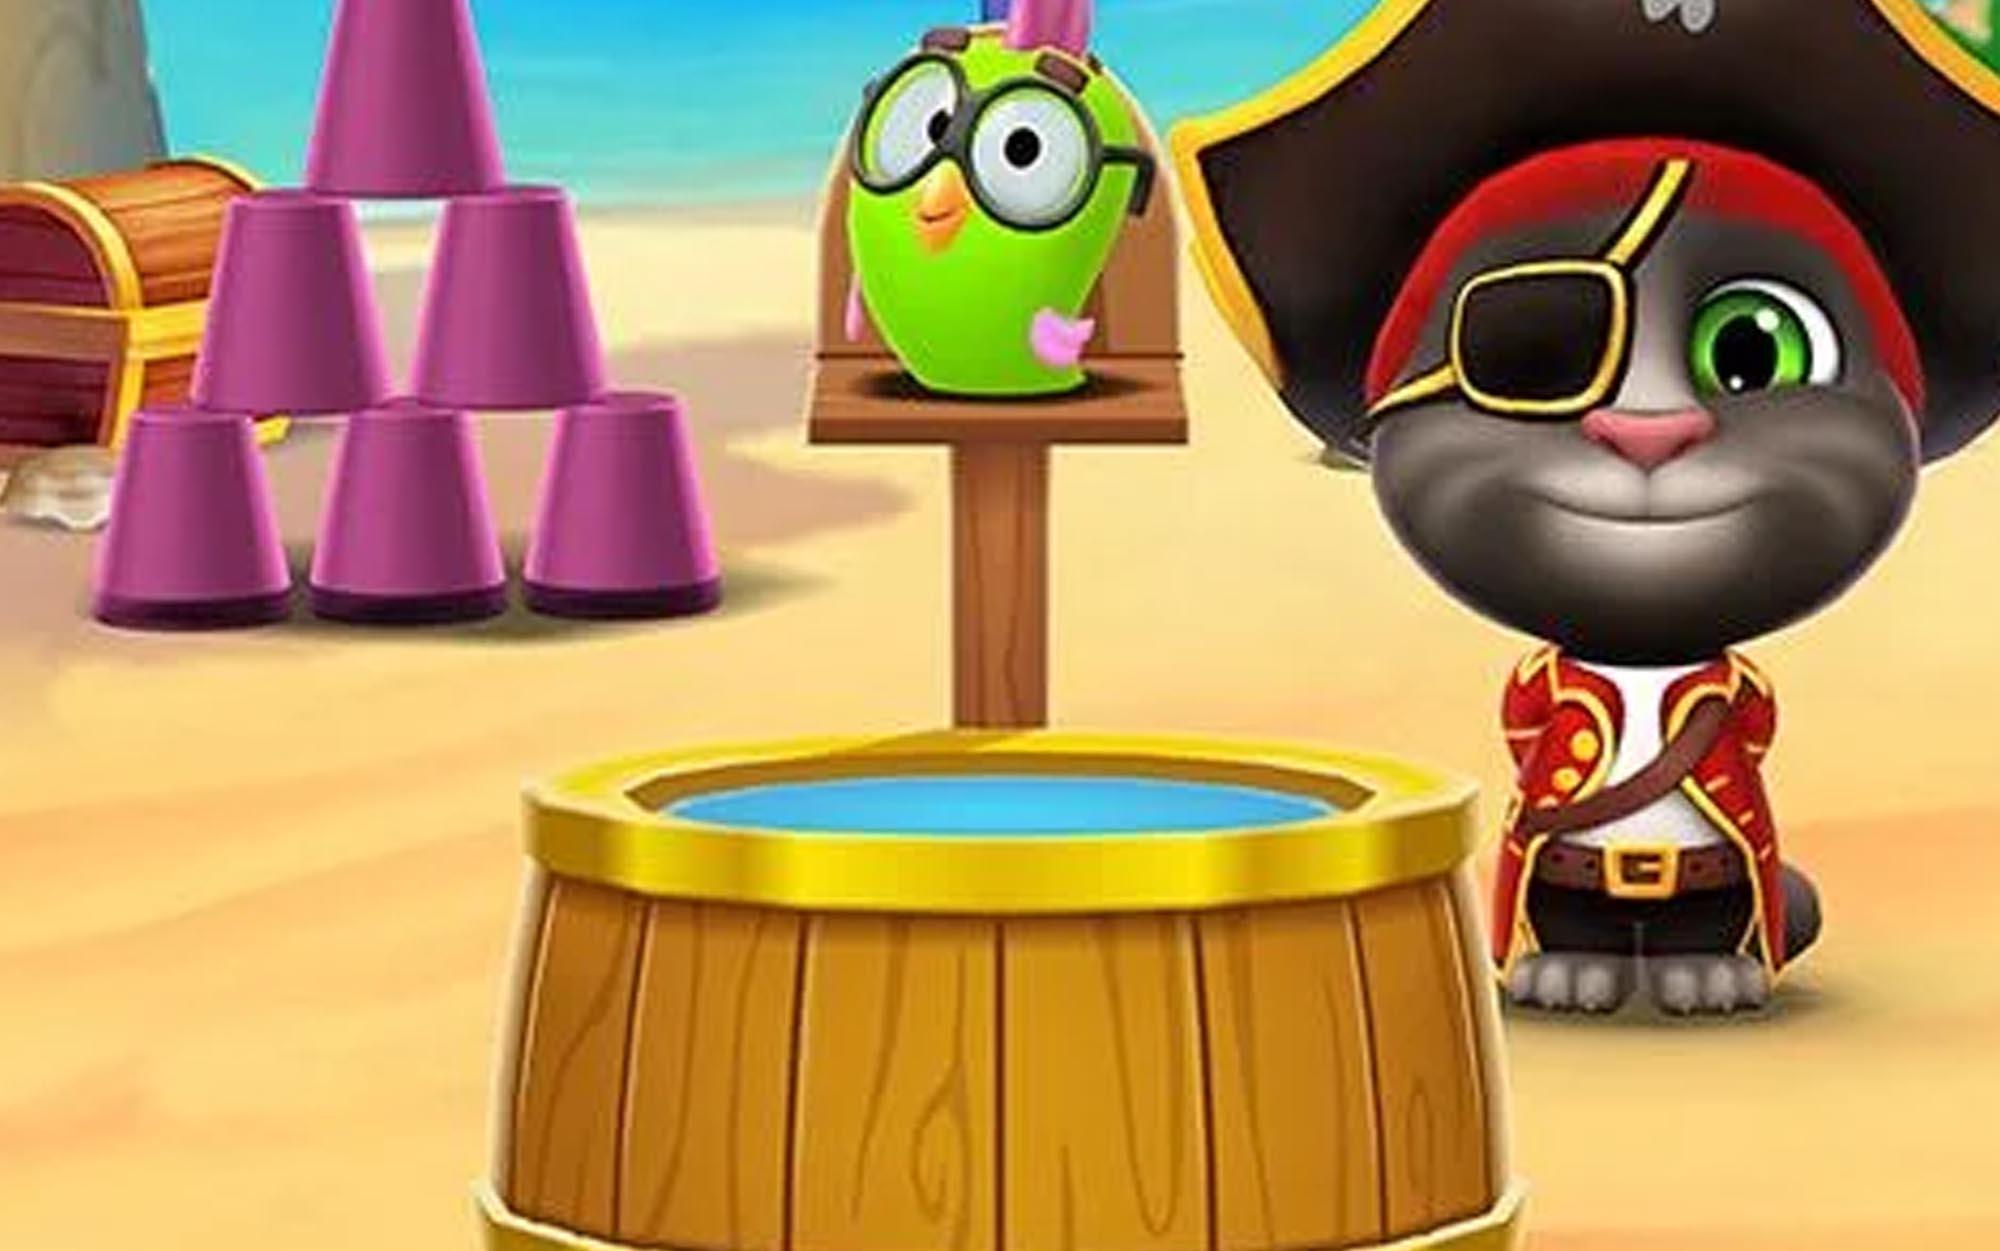 Dos criadores de Meu Talking Tom, conheça o novo sucesso mundial: Meu Talking Tom 2! Neste jogo legal e gratuito, o famoso gato Tom vai embarcar numa incrível aventura!